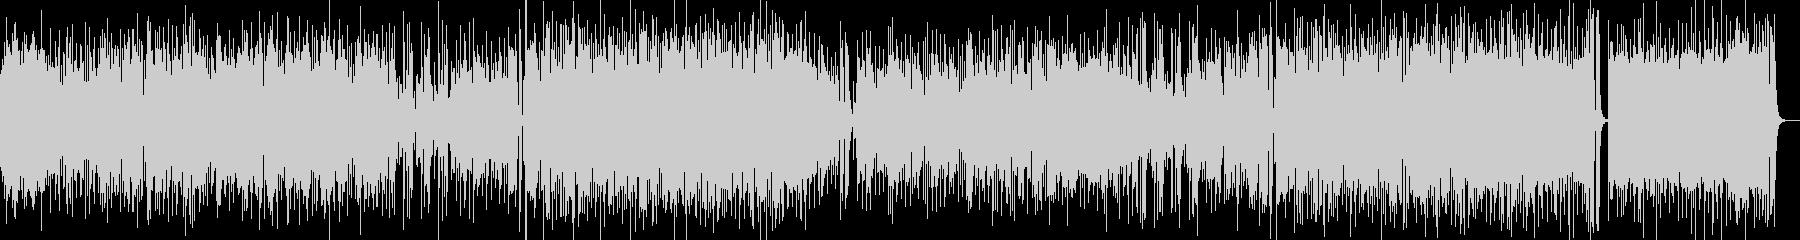 ボサノバスタイルのラテンフュージョンの未再生の波形